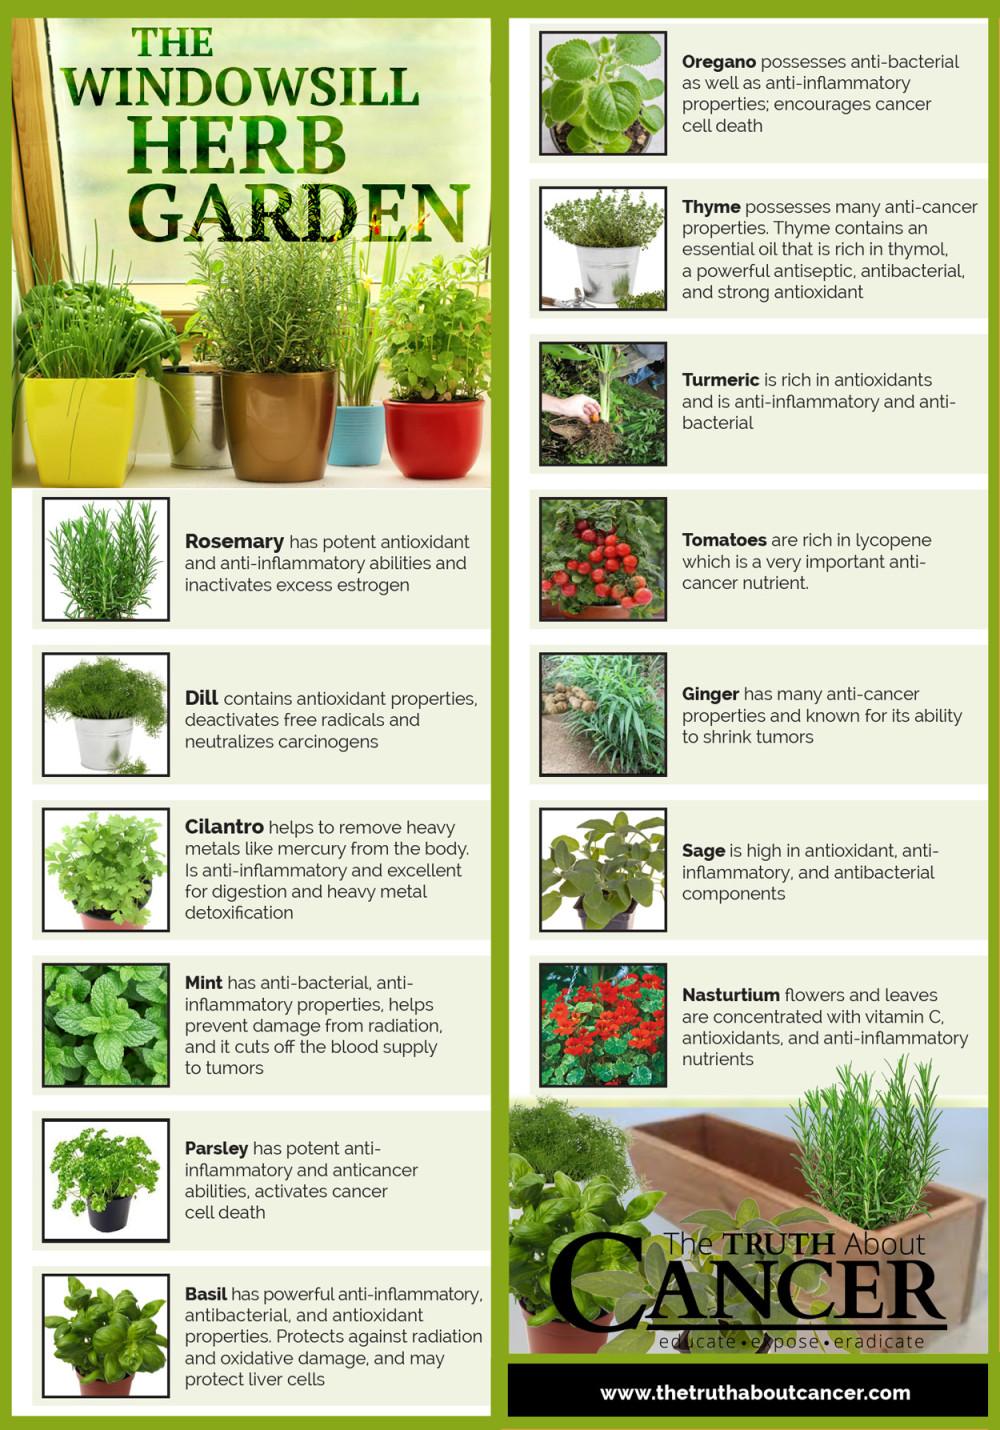 cancerfighting plants for your indoor herb garden, Natural flower